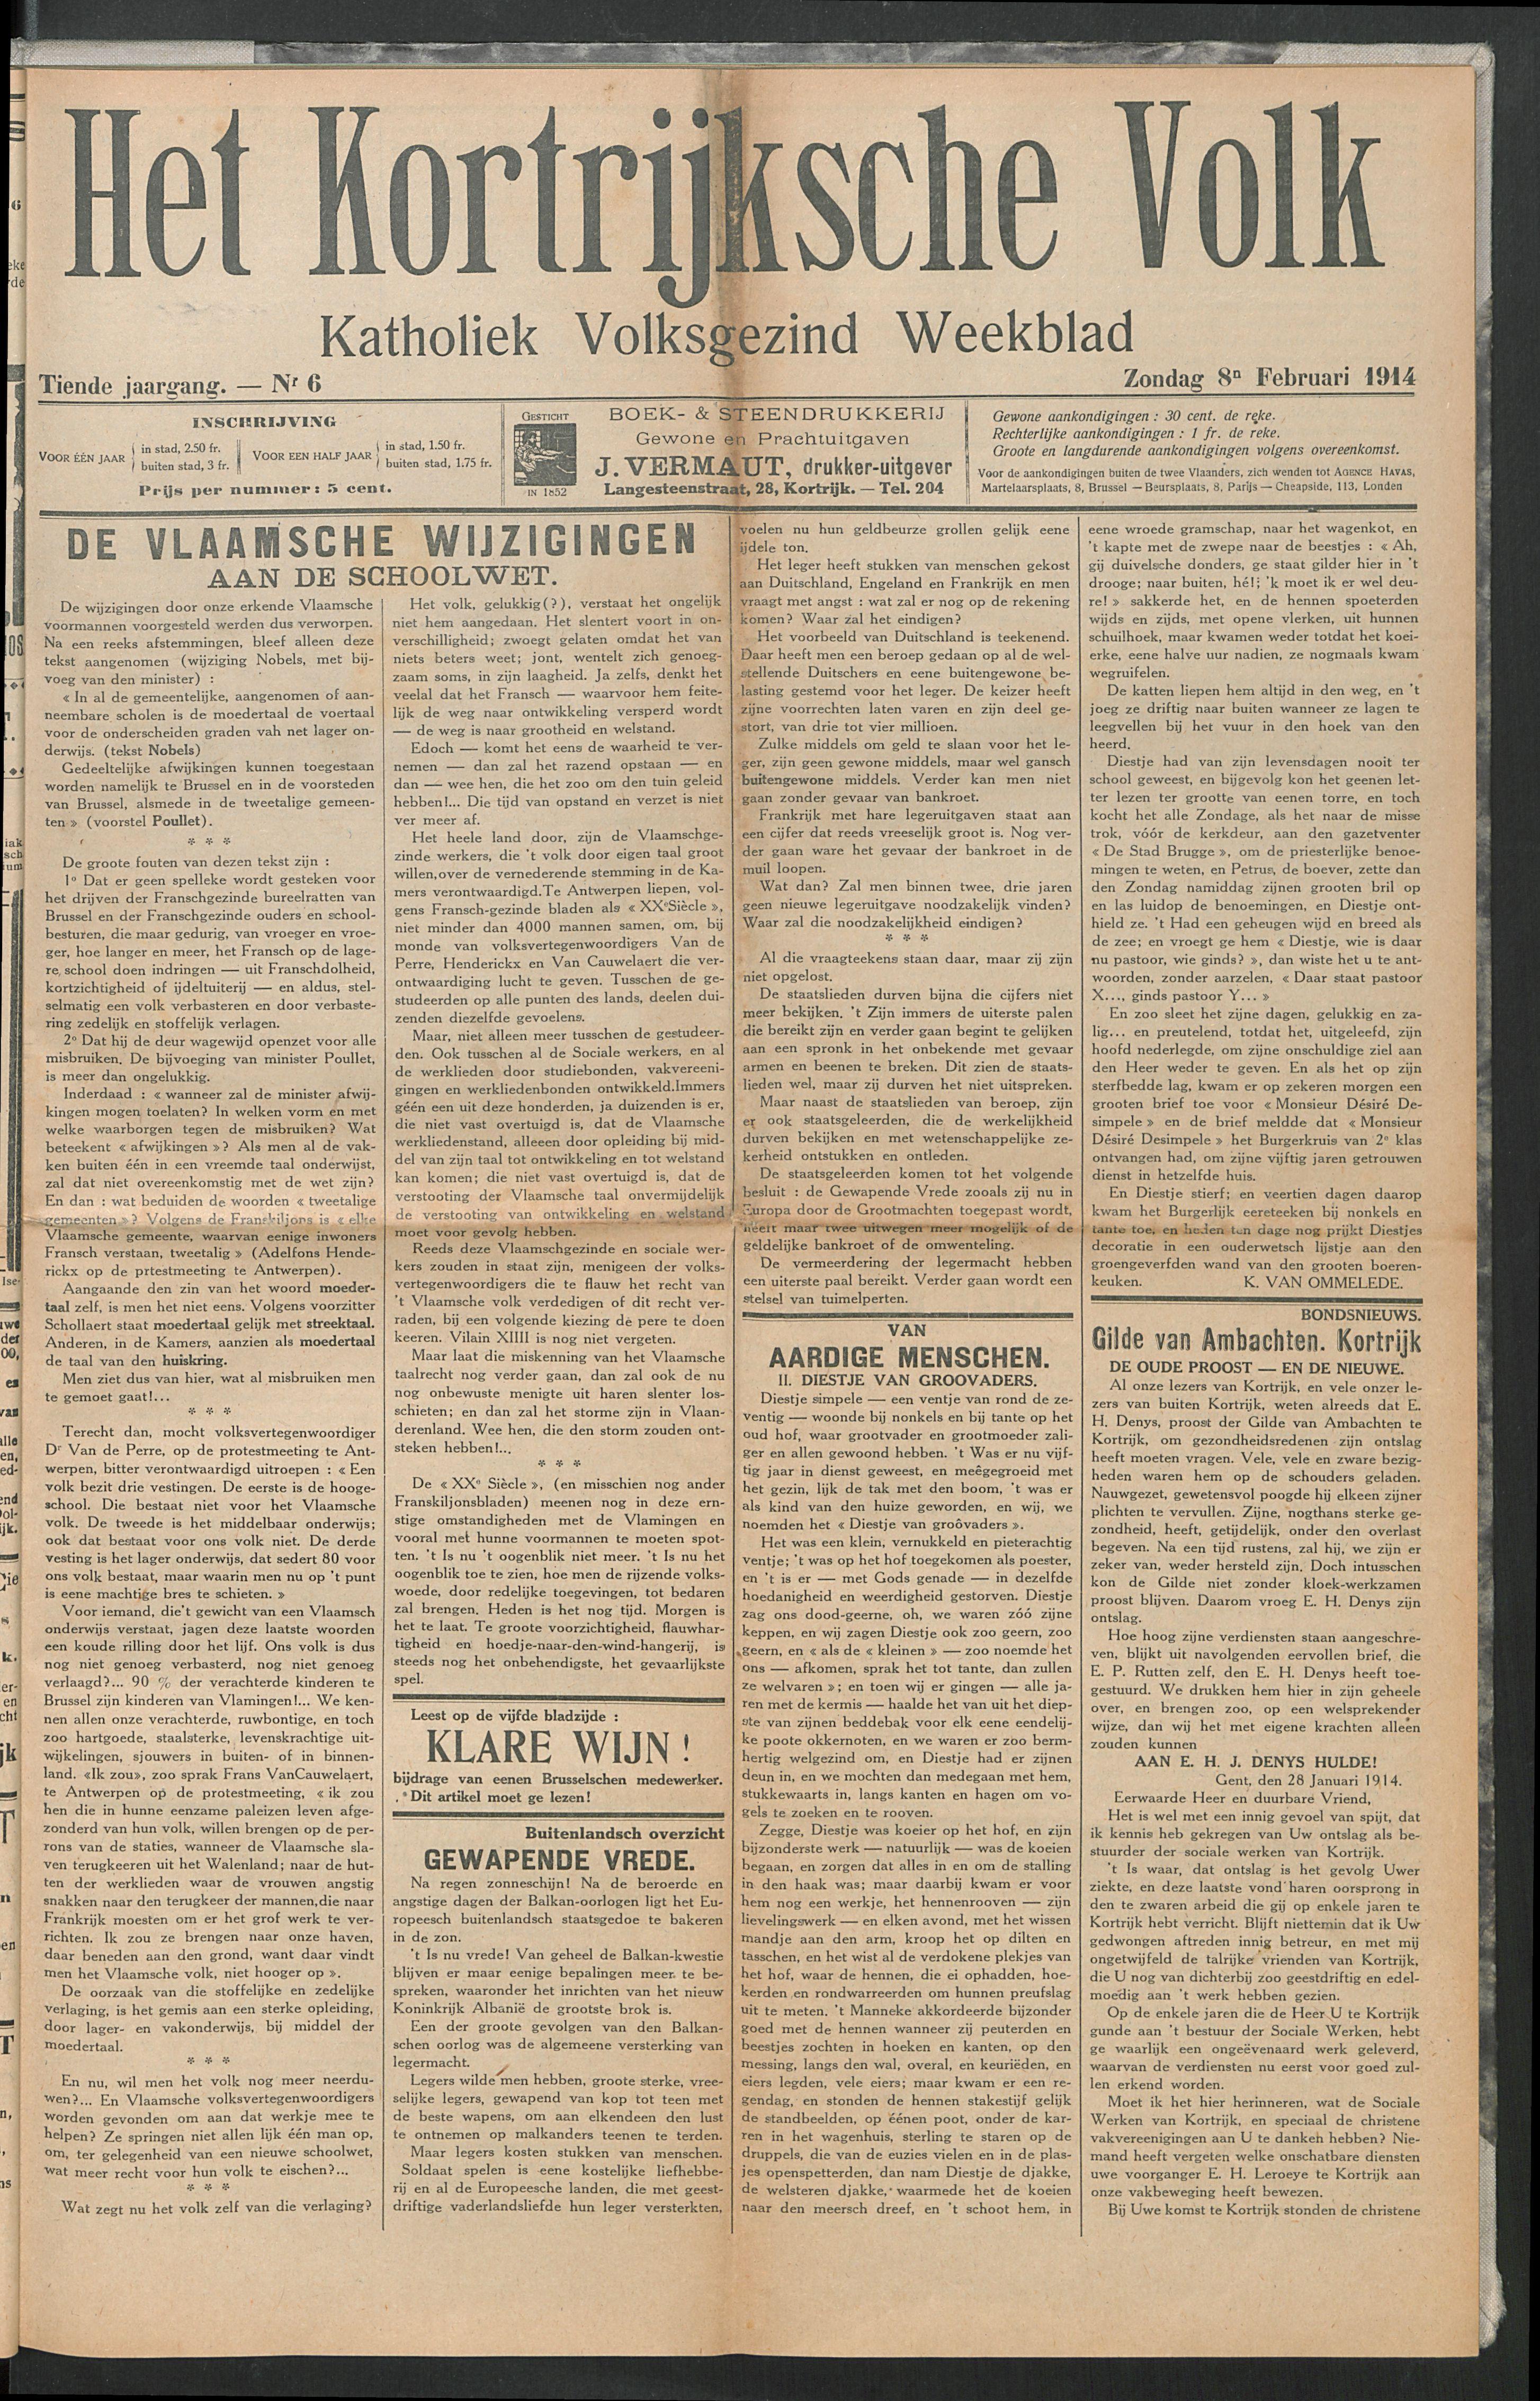 Het Kortrijksche Volk 1914-02-08 p1